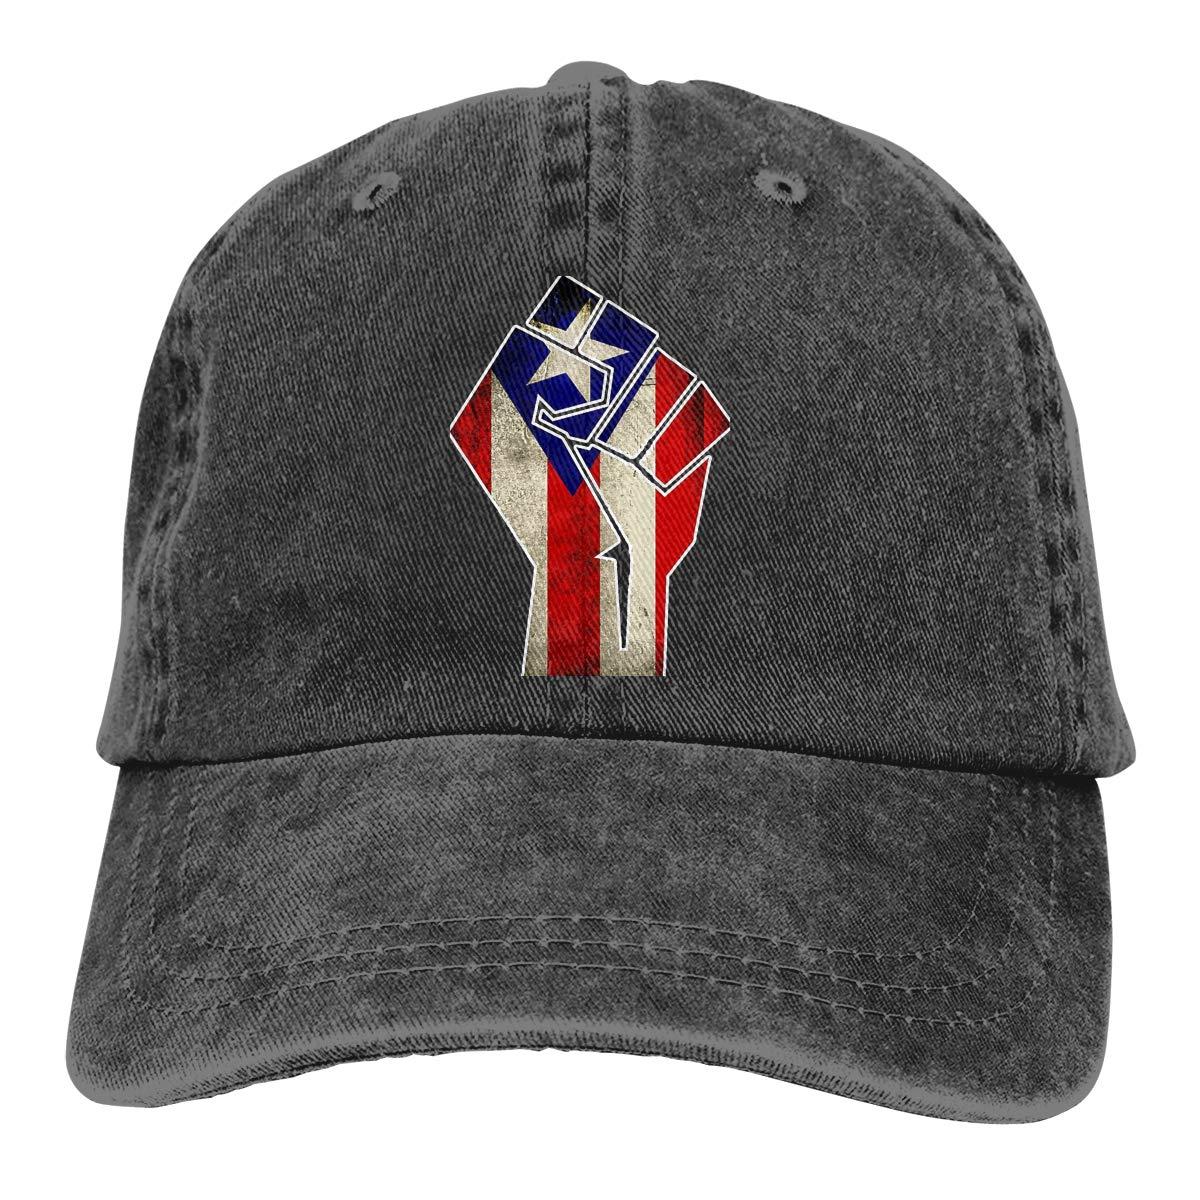 Men Women Puerto Rican Flag Inside Grunge Fist Vintage Washed Dad Hat Cool Adjustable Baseball Cap